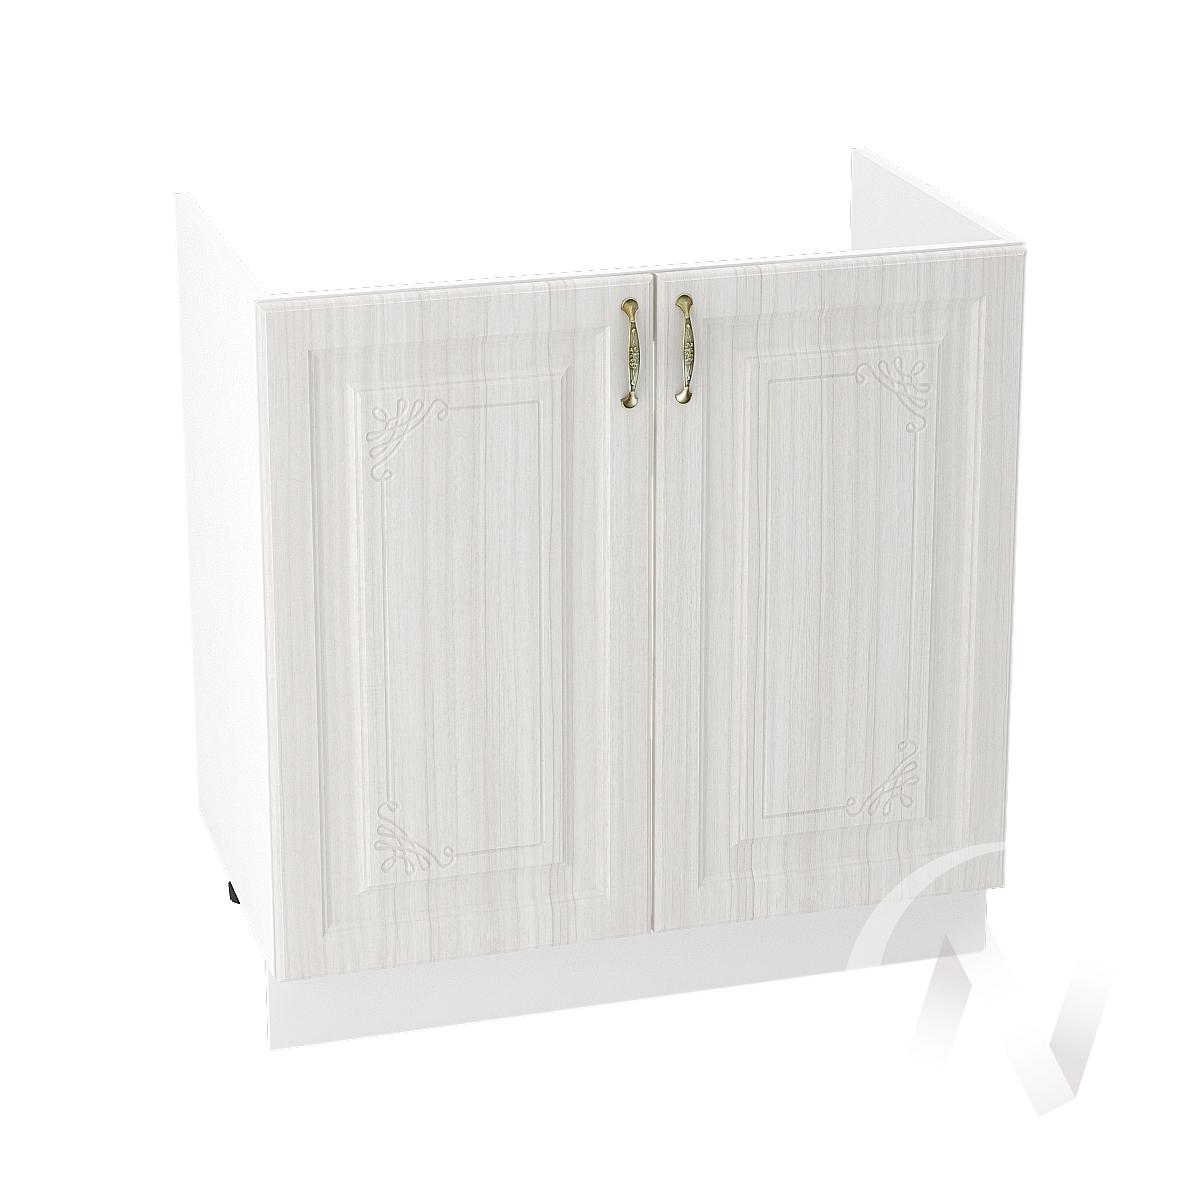 """Кухня """"Виктория"""": Шкаф нижний под мойку 800, ШНМ 800 (корпус белый)"""